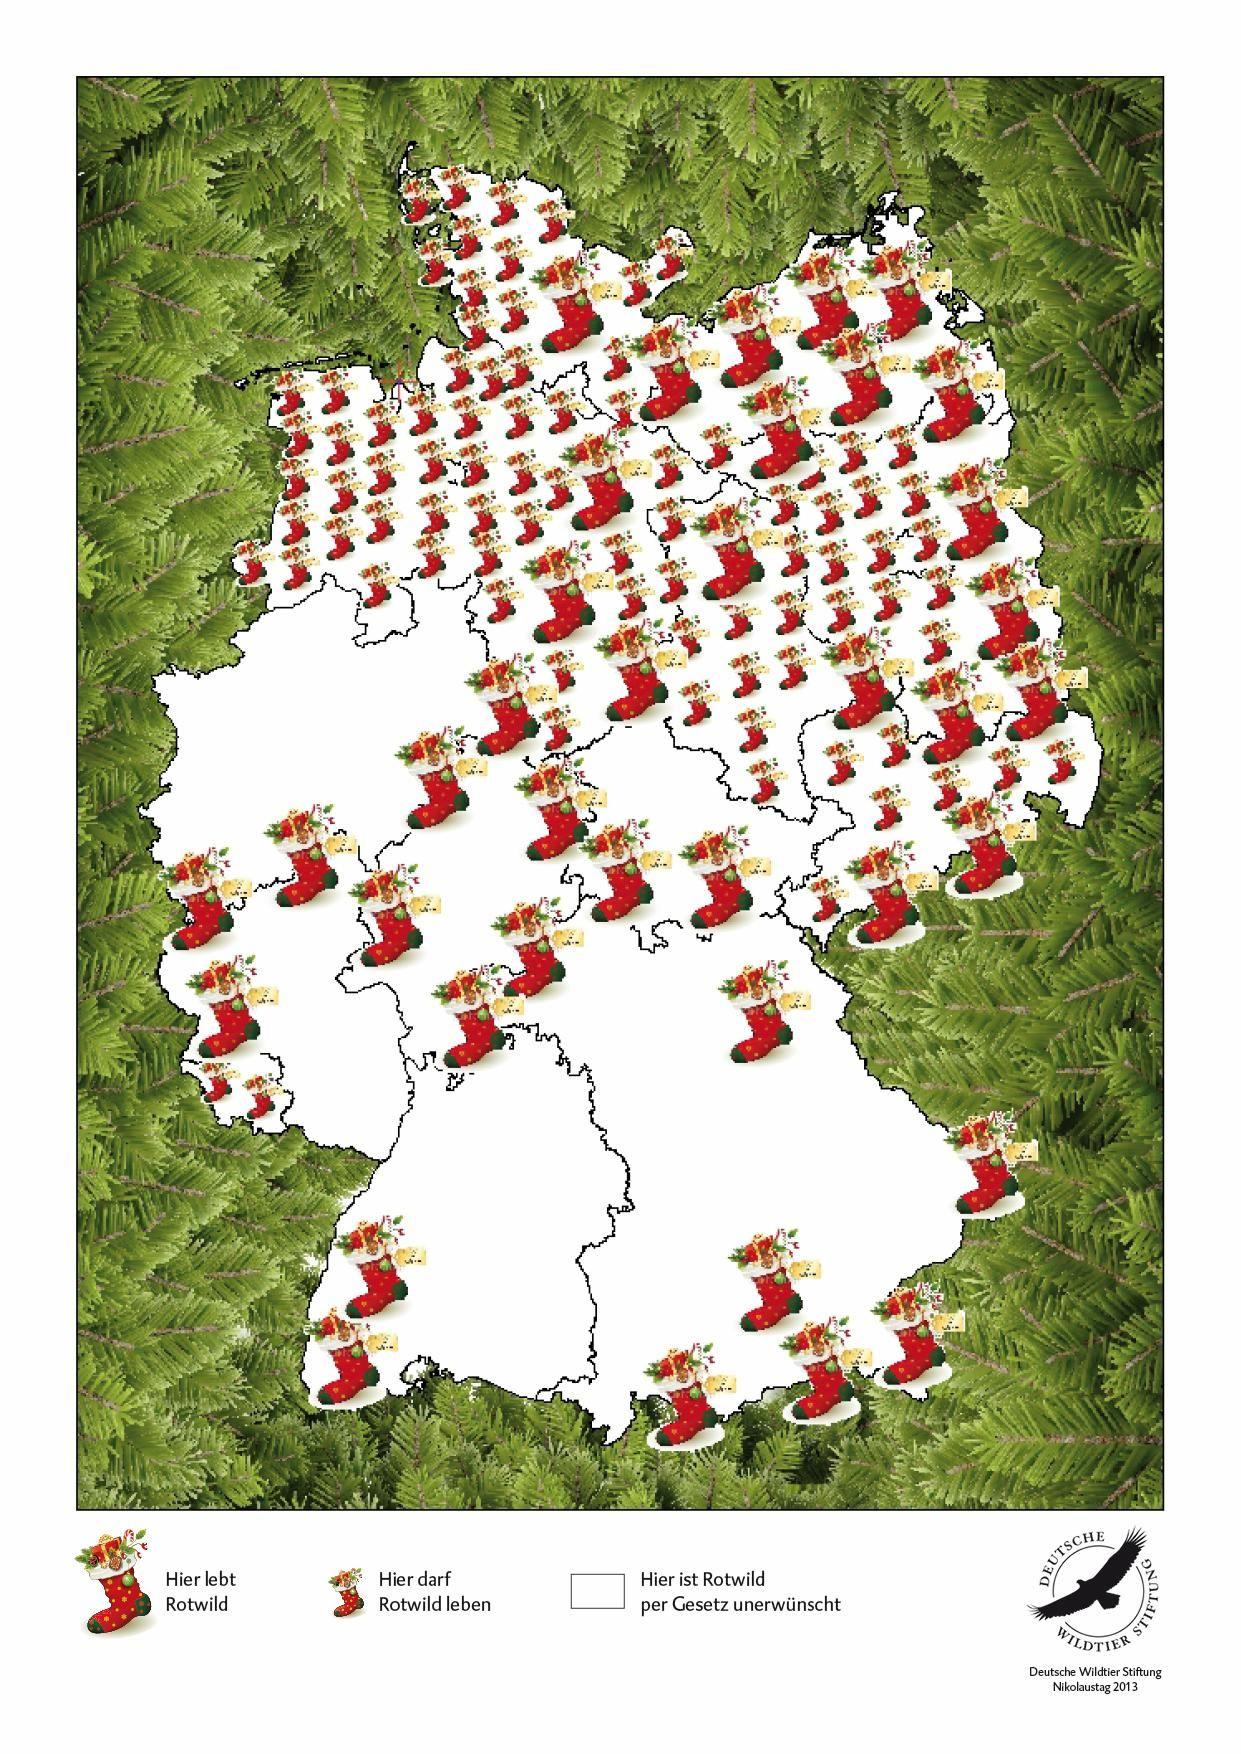 Im Süden gibt es keine Geschenke, wenn der Weihnachtsmann per Rotwild unterwegs wäre